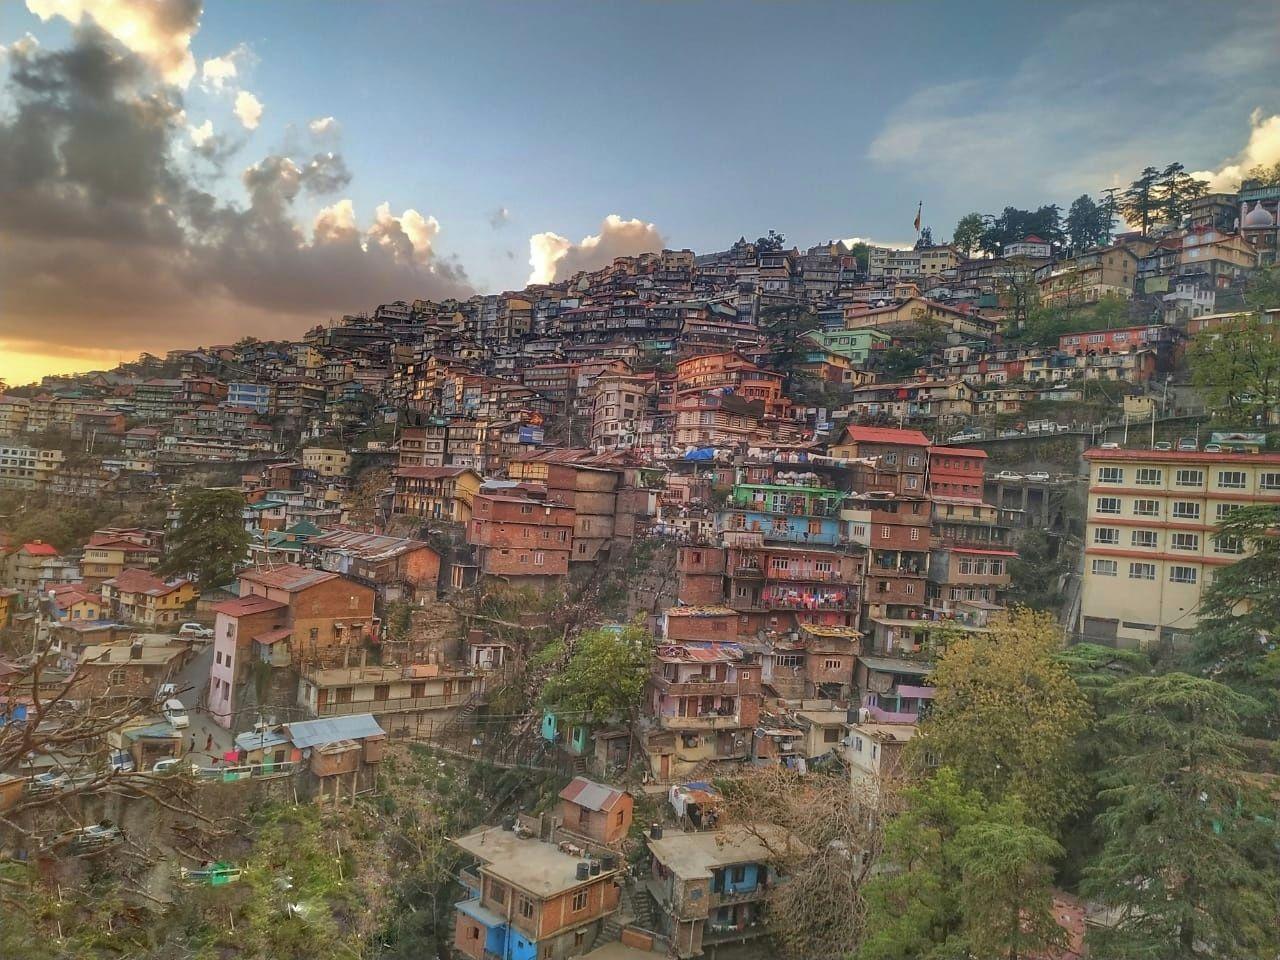 Photo of Himachal Pradesh By Neeraj Koul